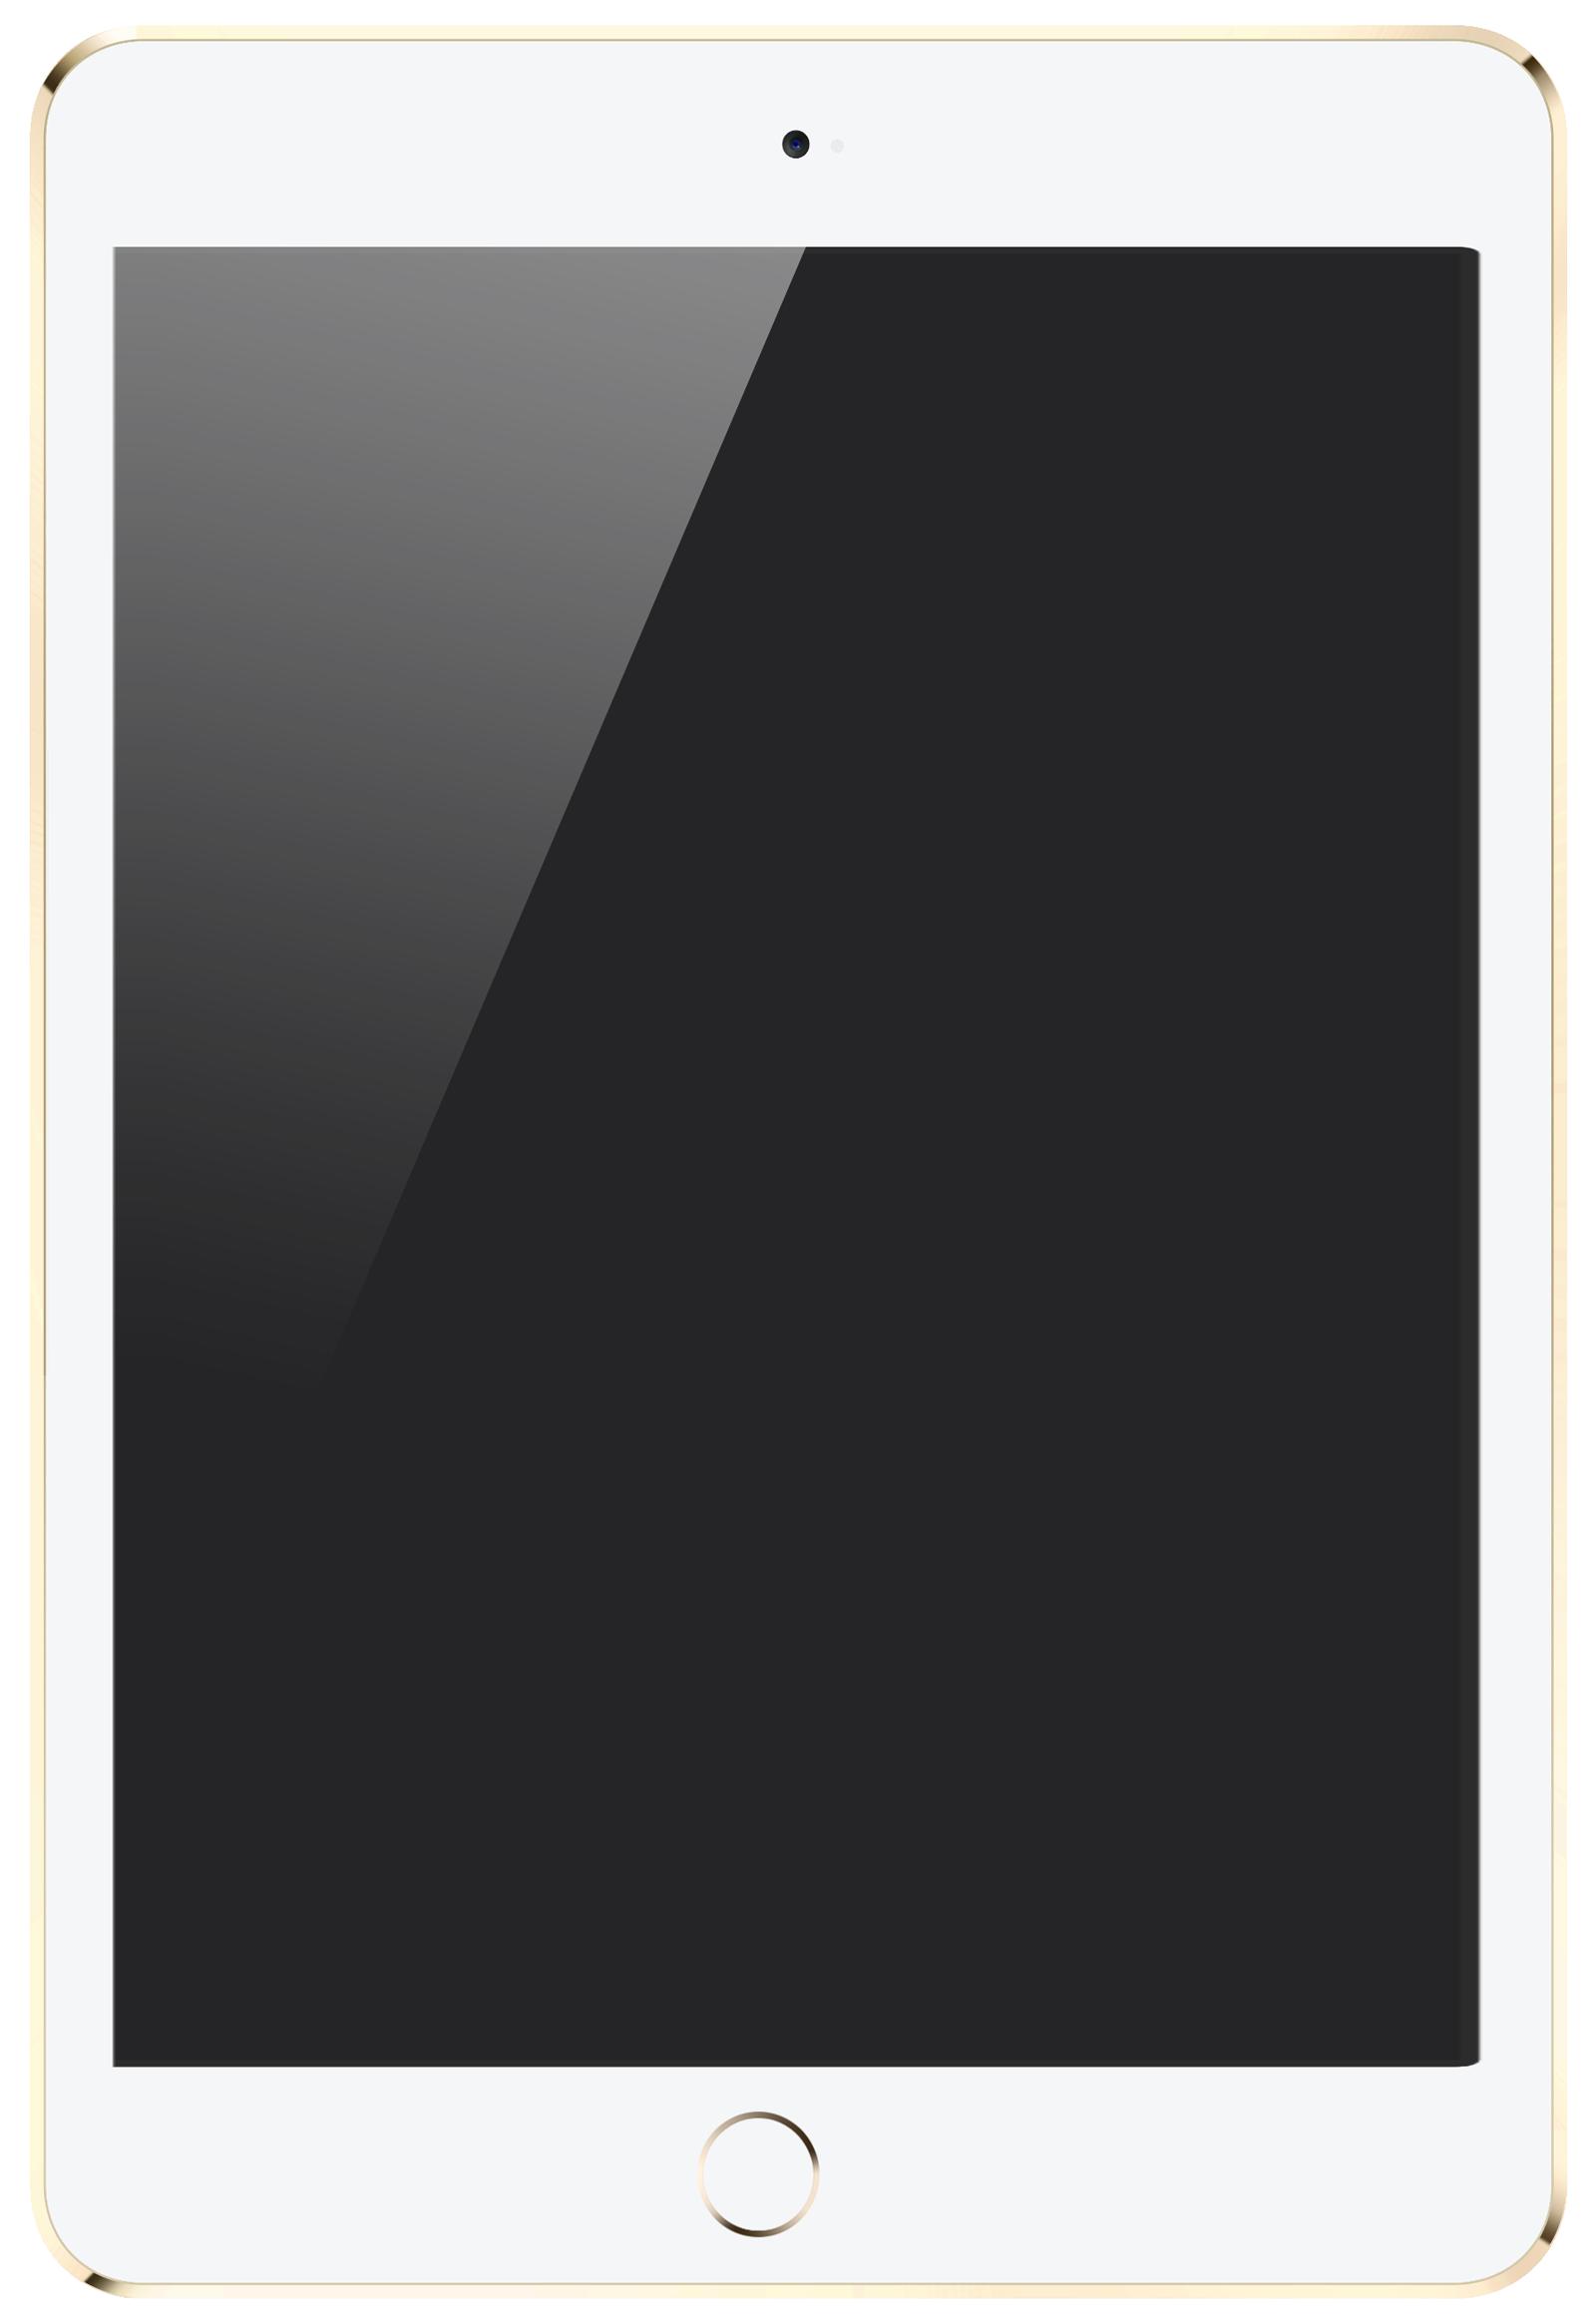 IPad Air Tablet PNG Image - Ipad PNG